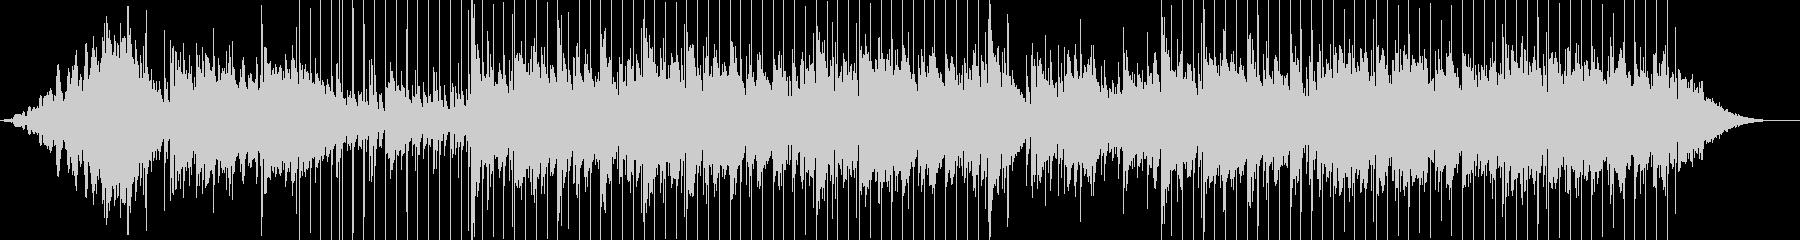 鳥の音と合唱ボーカルのサンプルを含...の未再生の波形